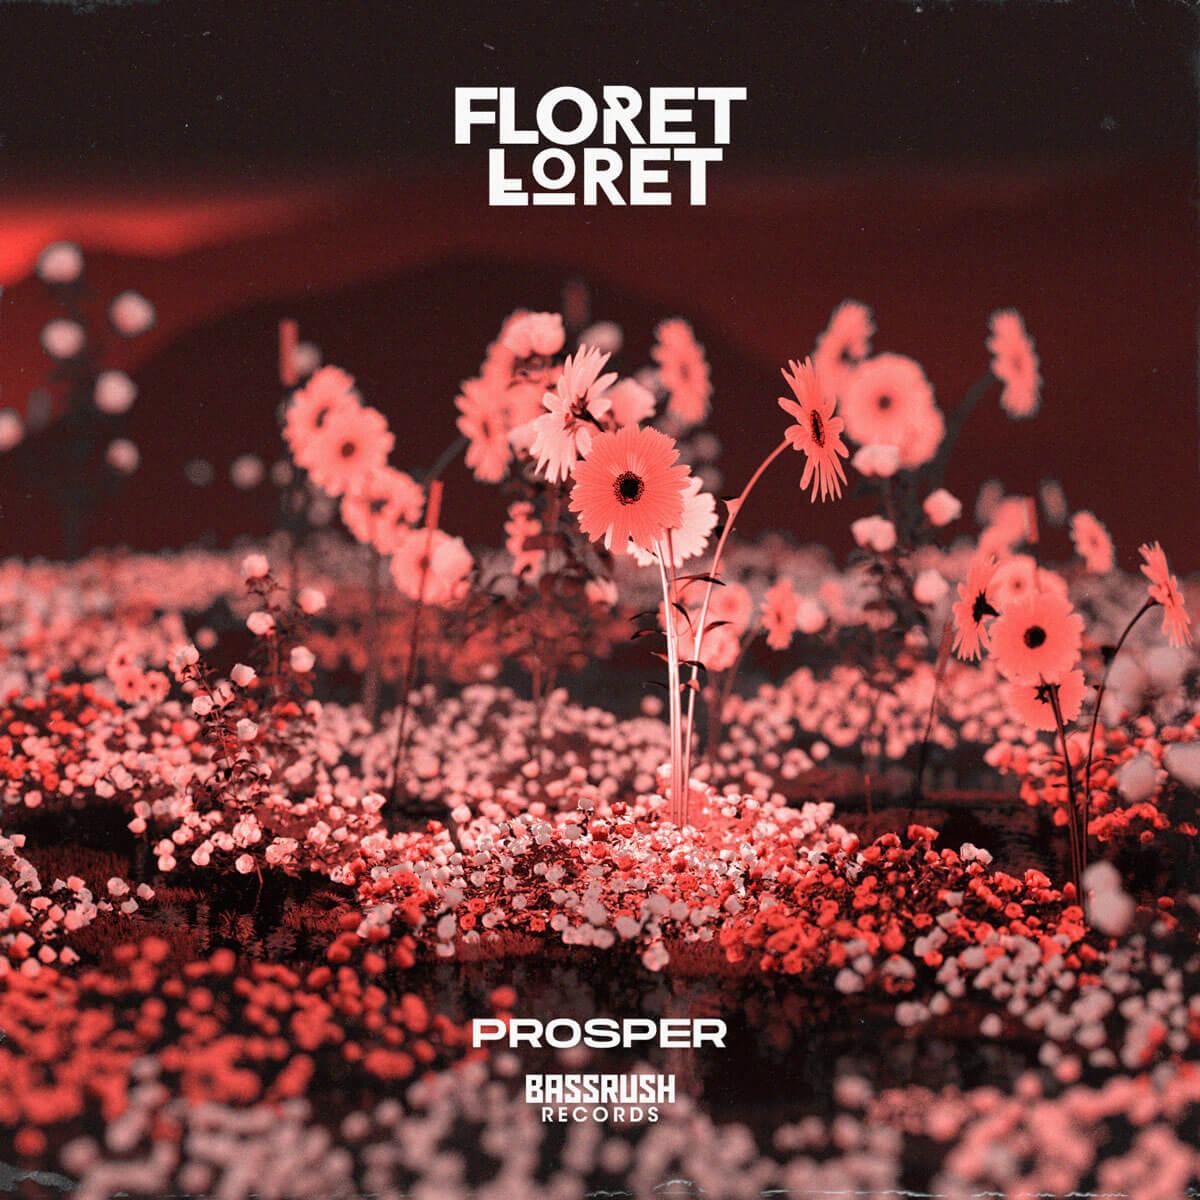 Floret Loret